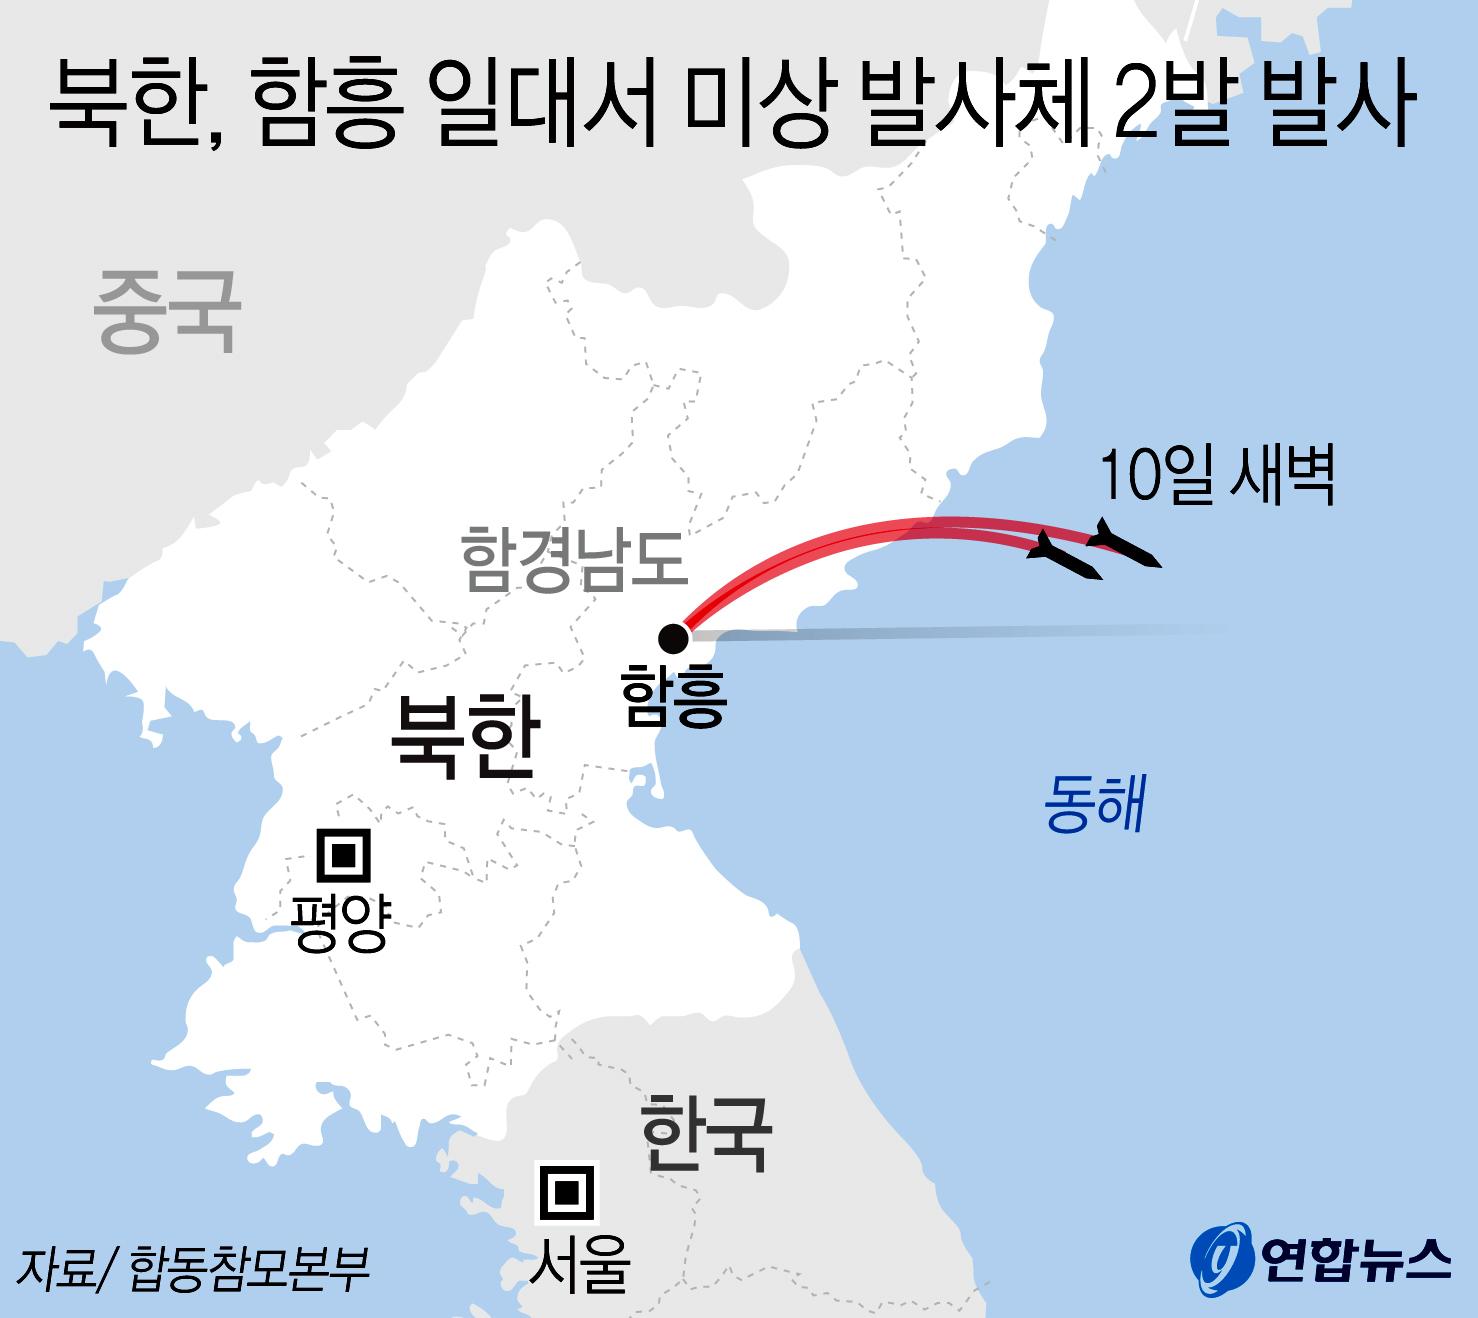 합동참모본부는 10일 북한이 발사한 단거리 미사일로 추정되는 발사체 2발을 포착했다고 밝혔다. [연합뉴스]